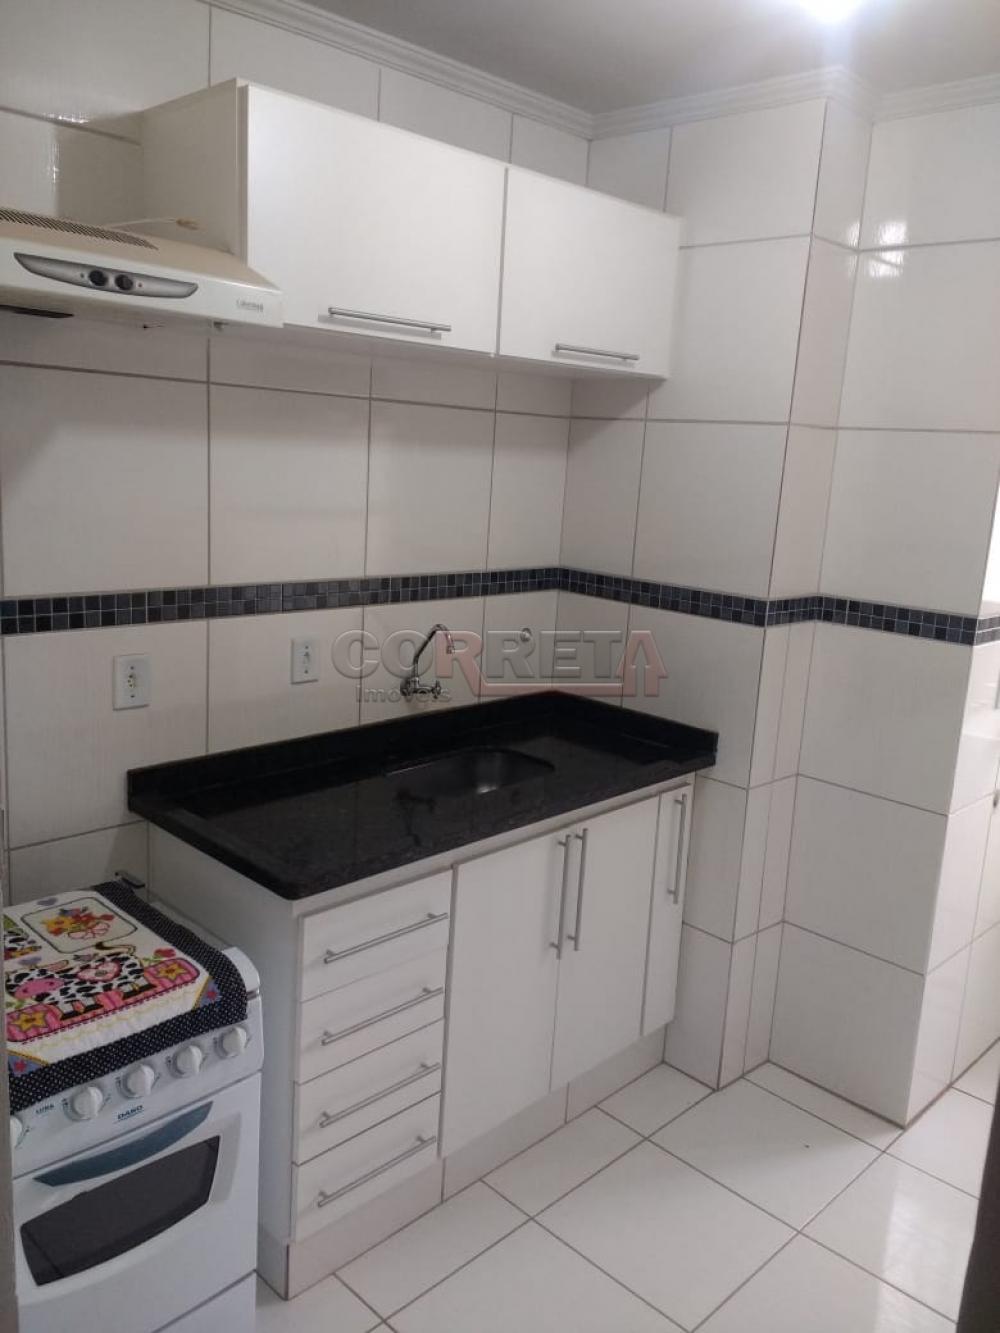 Comprar Apartamento / Padrão em Araçatuba R$ 130.000,00 - Foto 10